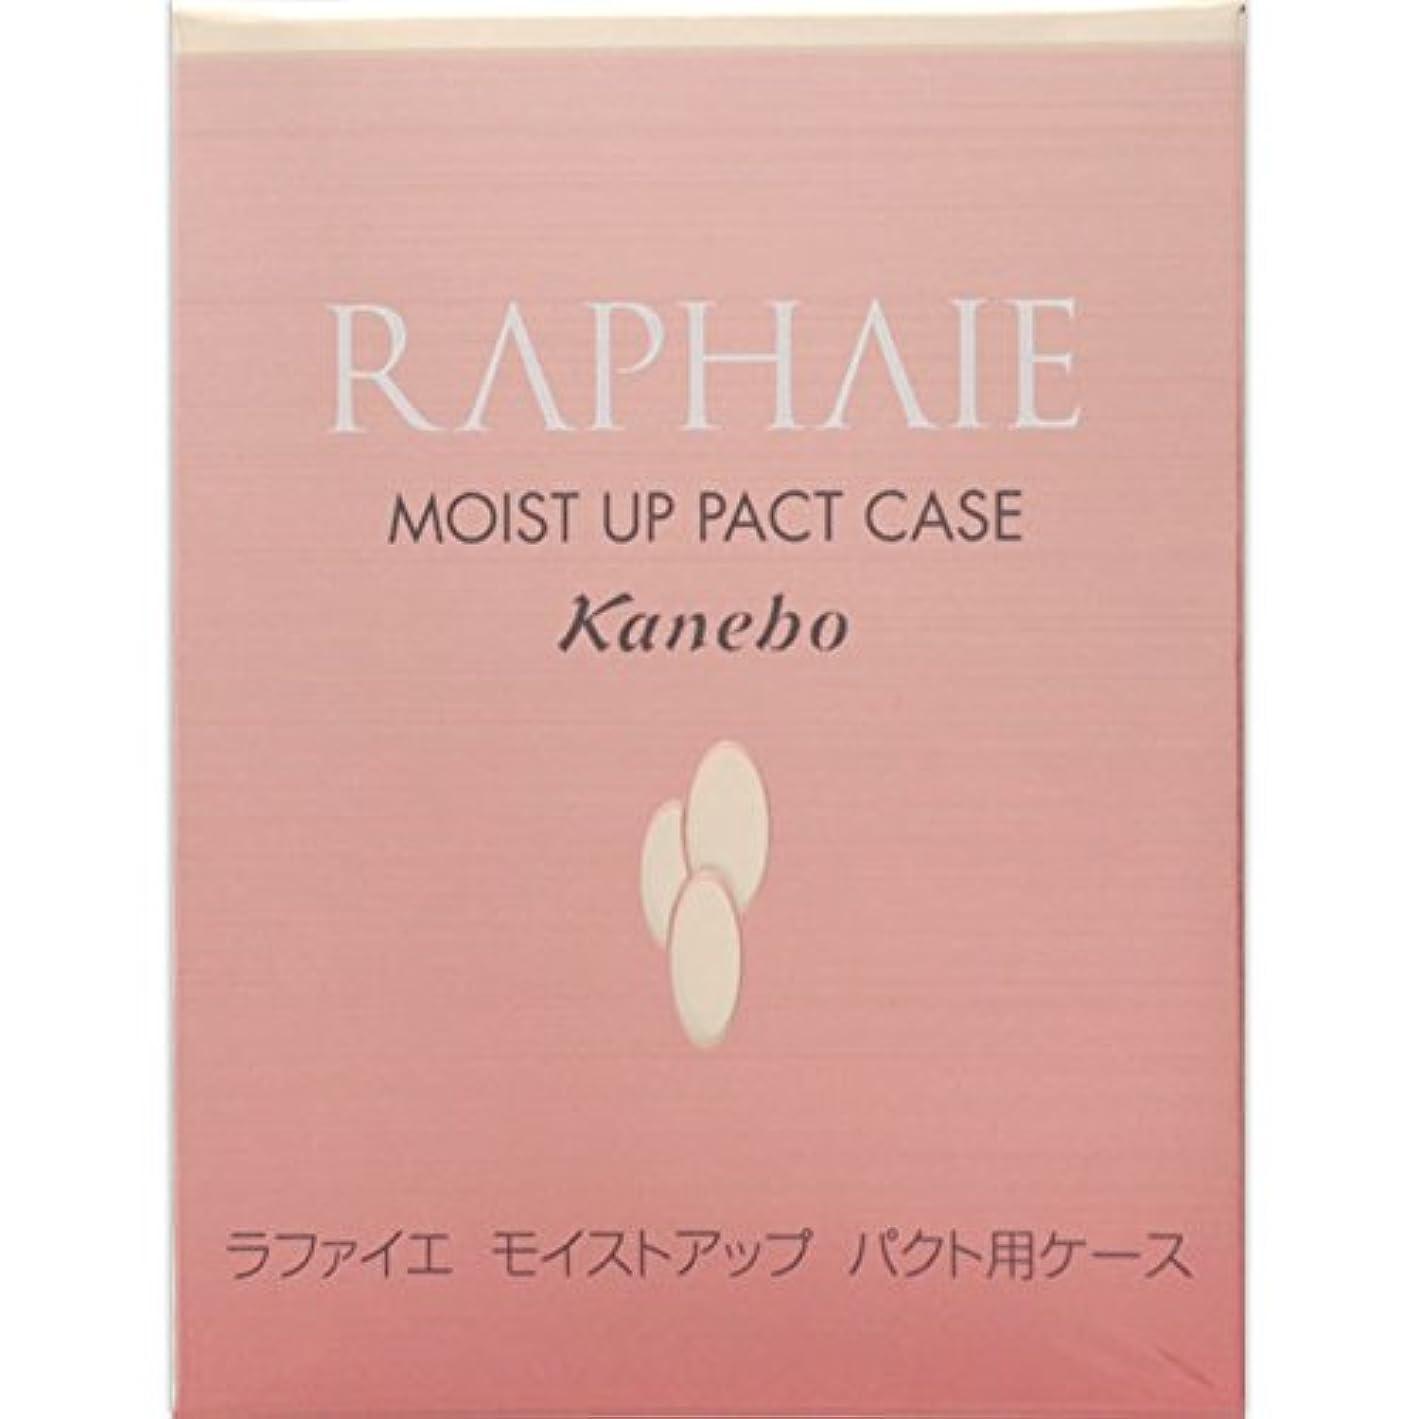 弾薬磁気老朽化した【カネボウ化粧品】ラファイエ(RAPHAIE)モイストアップ パクト用ケース